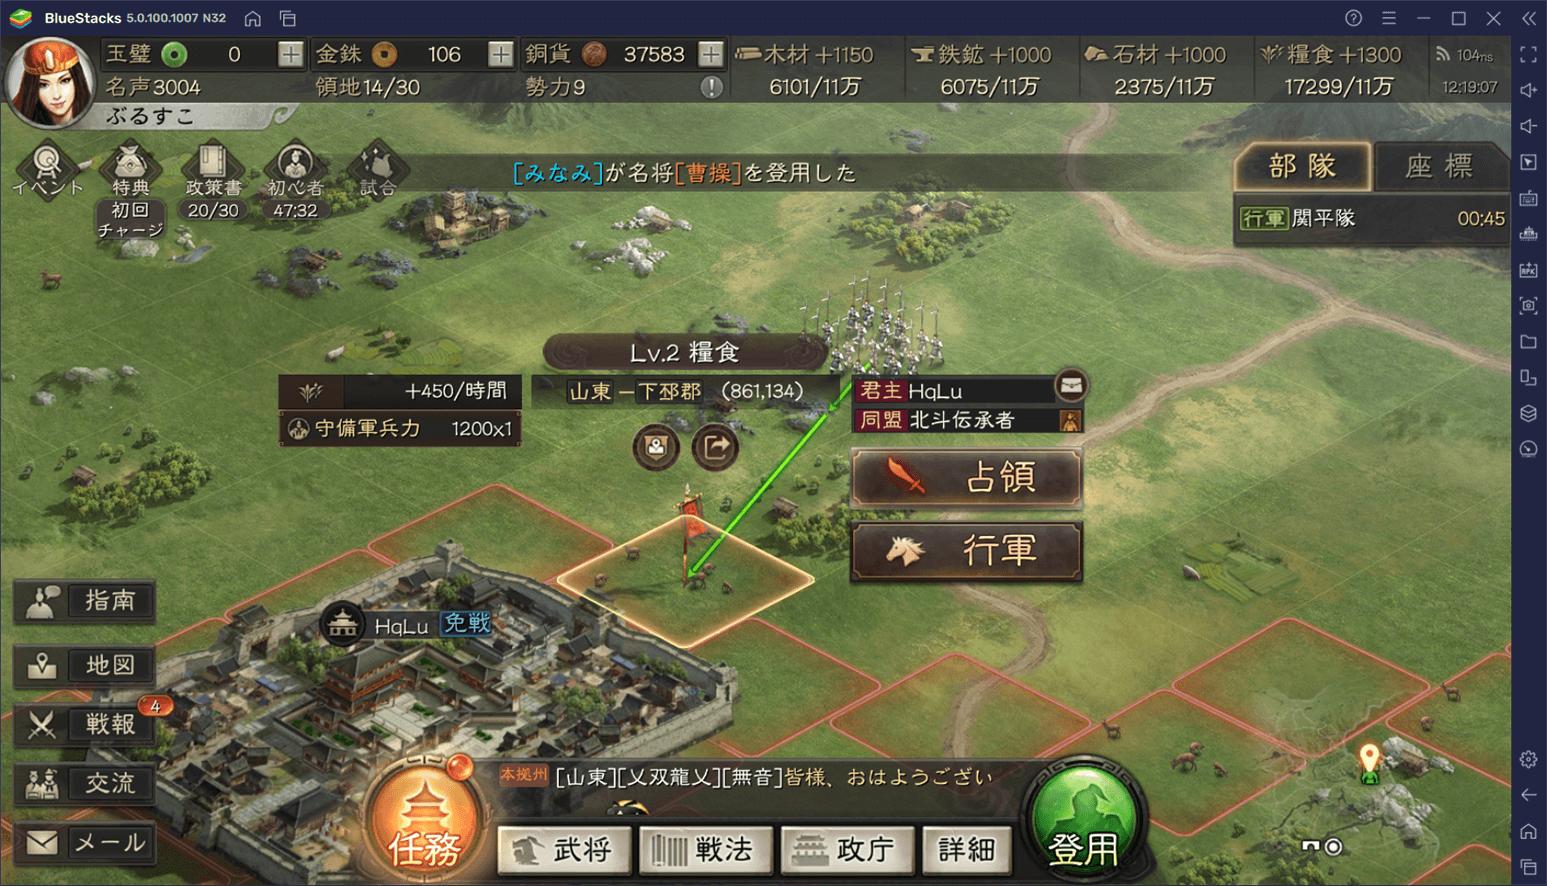 BlueStacksを使ってPCで『三國志 真戦』を遊ぼう